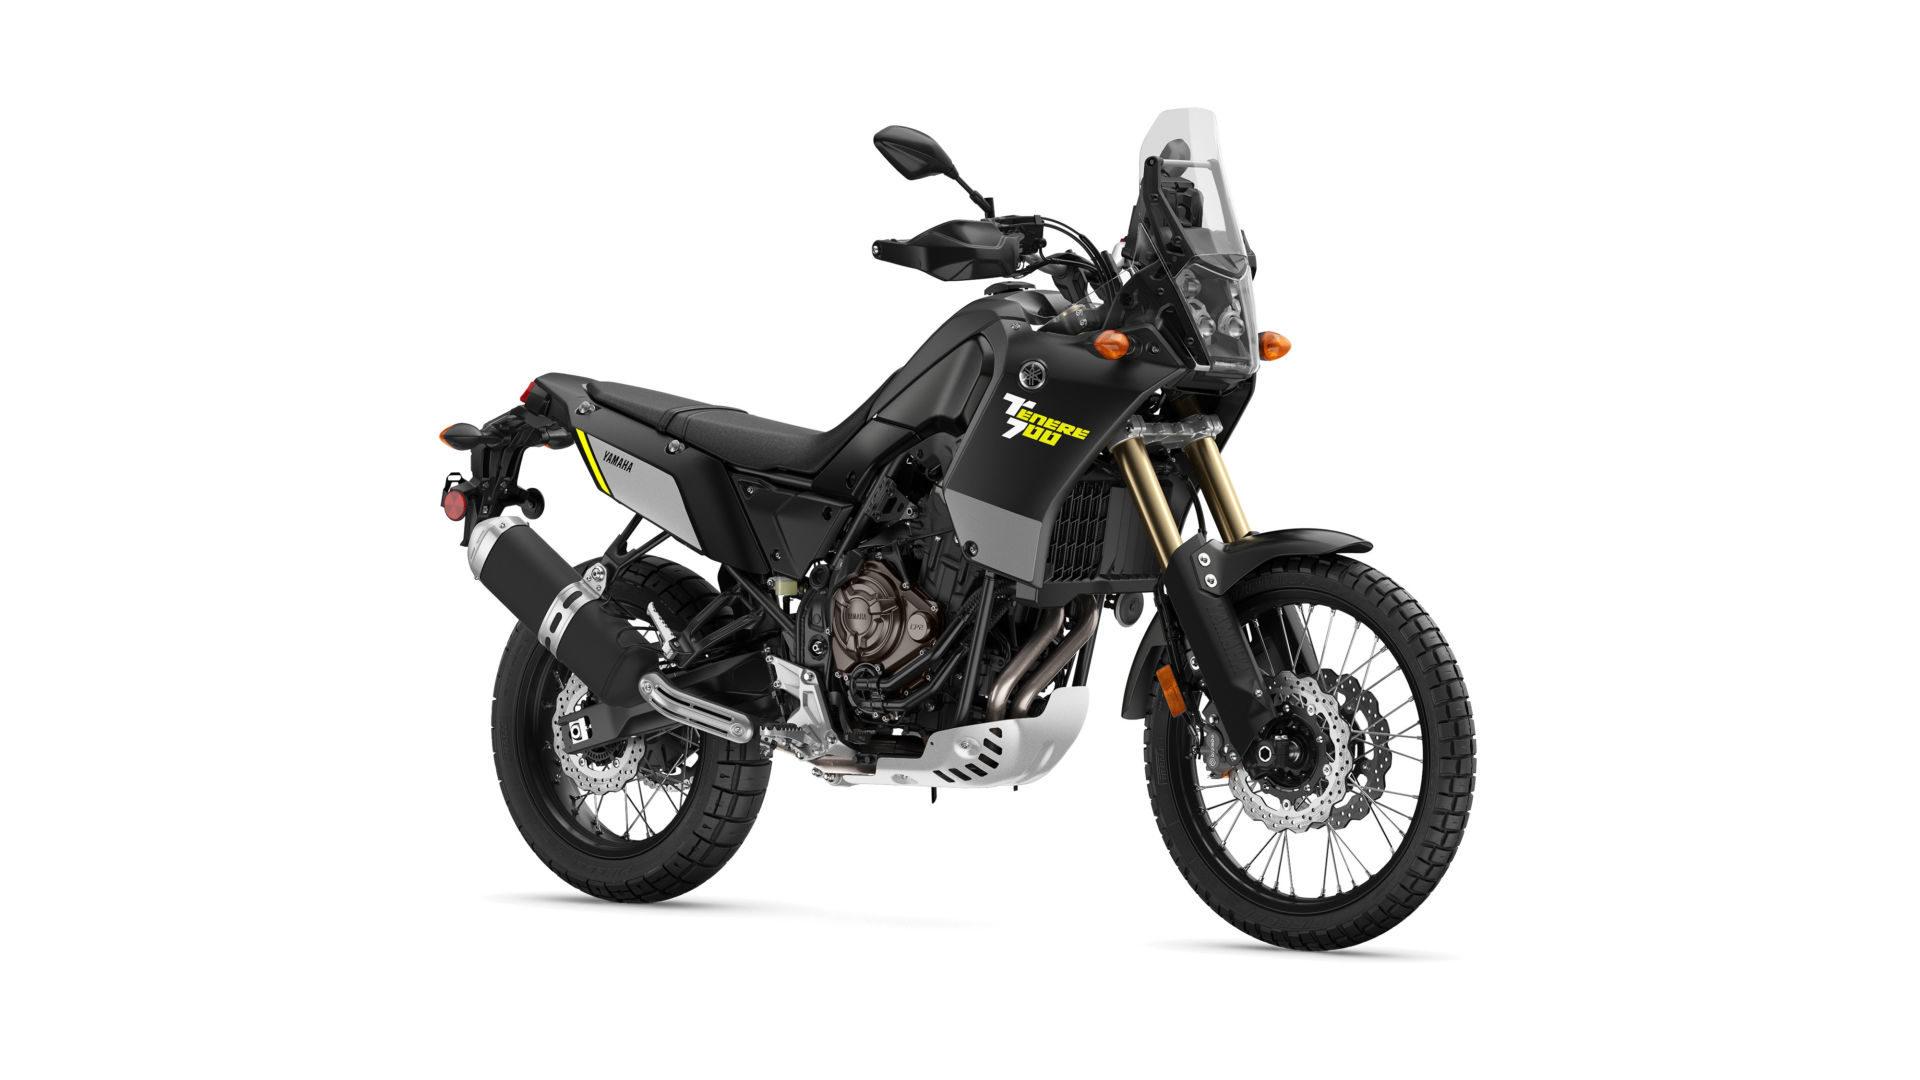 A 2021-model Yamaha Ténéré 700. Photo courtesy Yamaha Motor Corp., U.S.A.